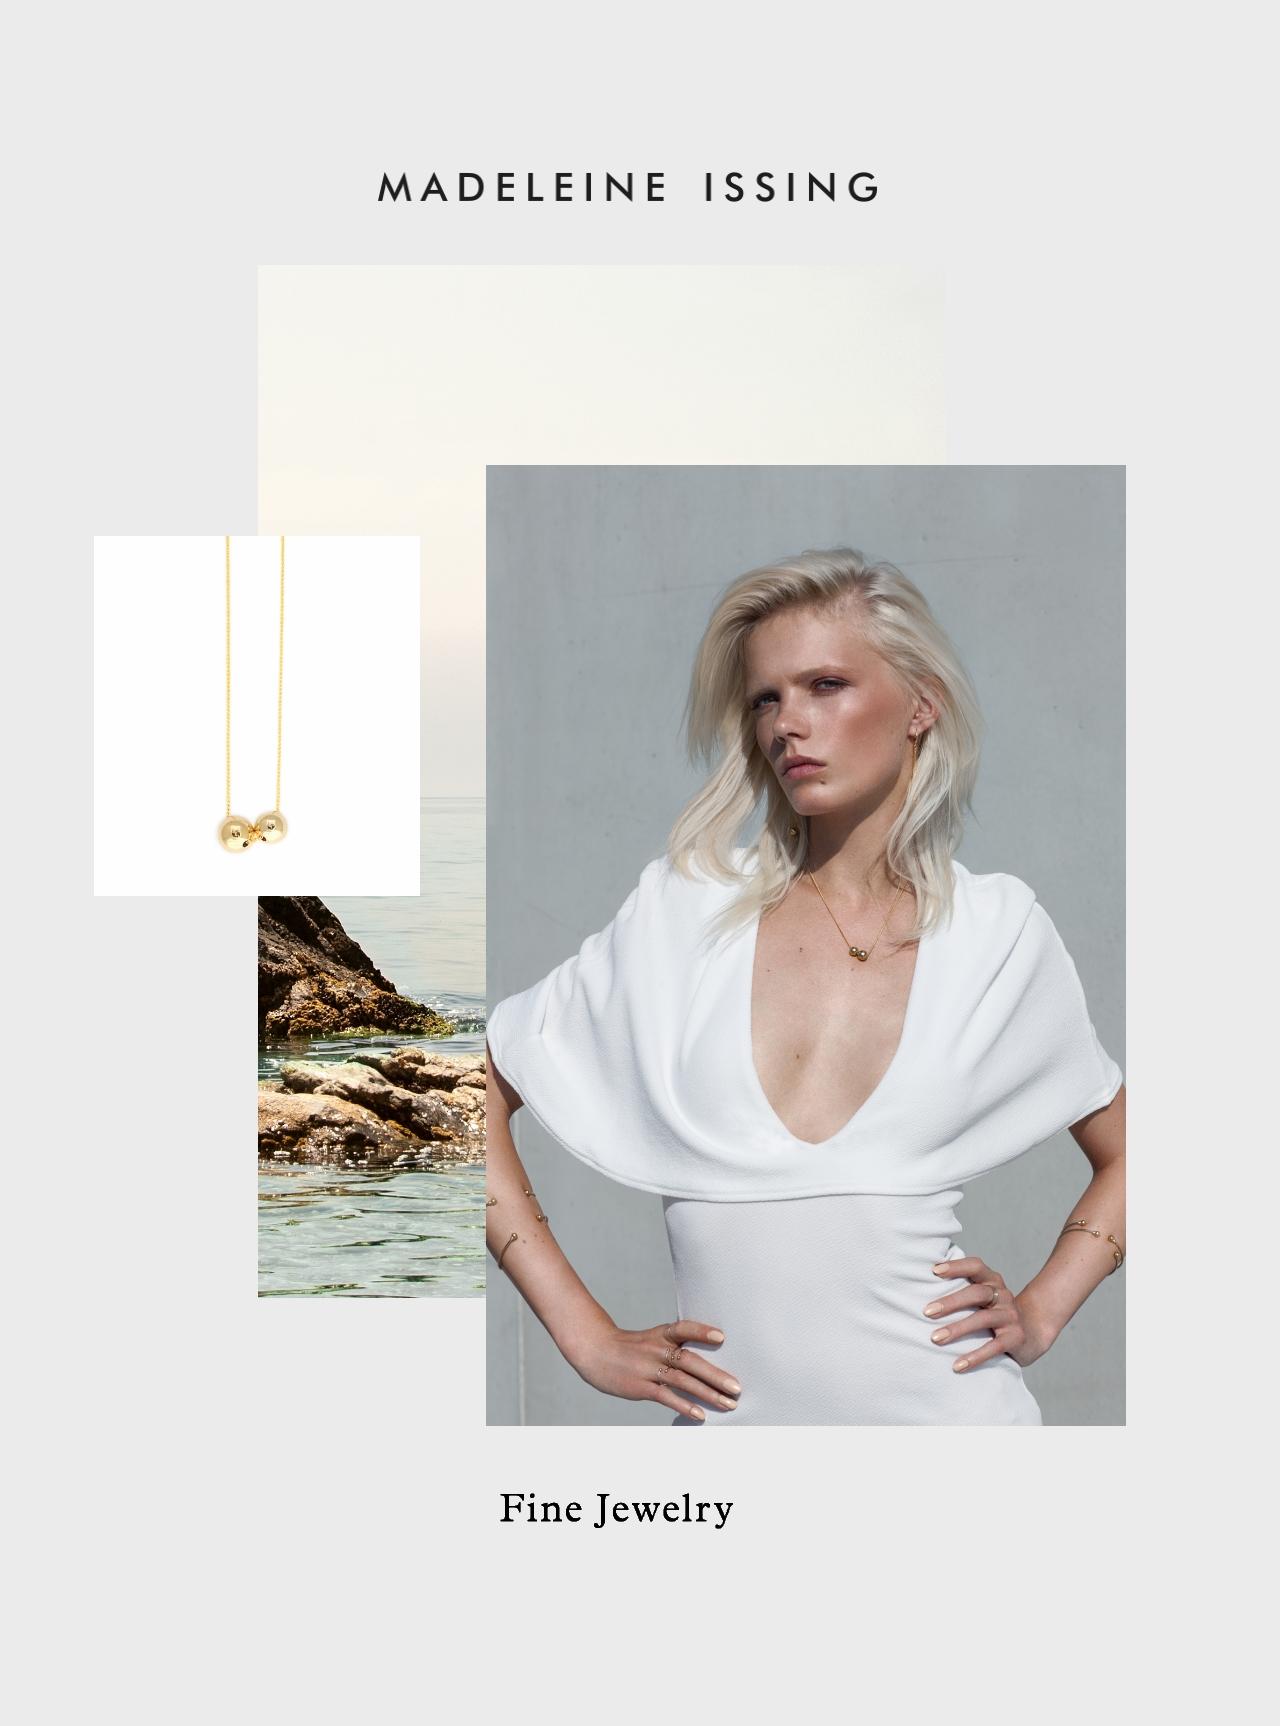 Schmuckkollektion minimalistische Designs Madeleine Issing